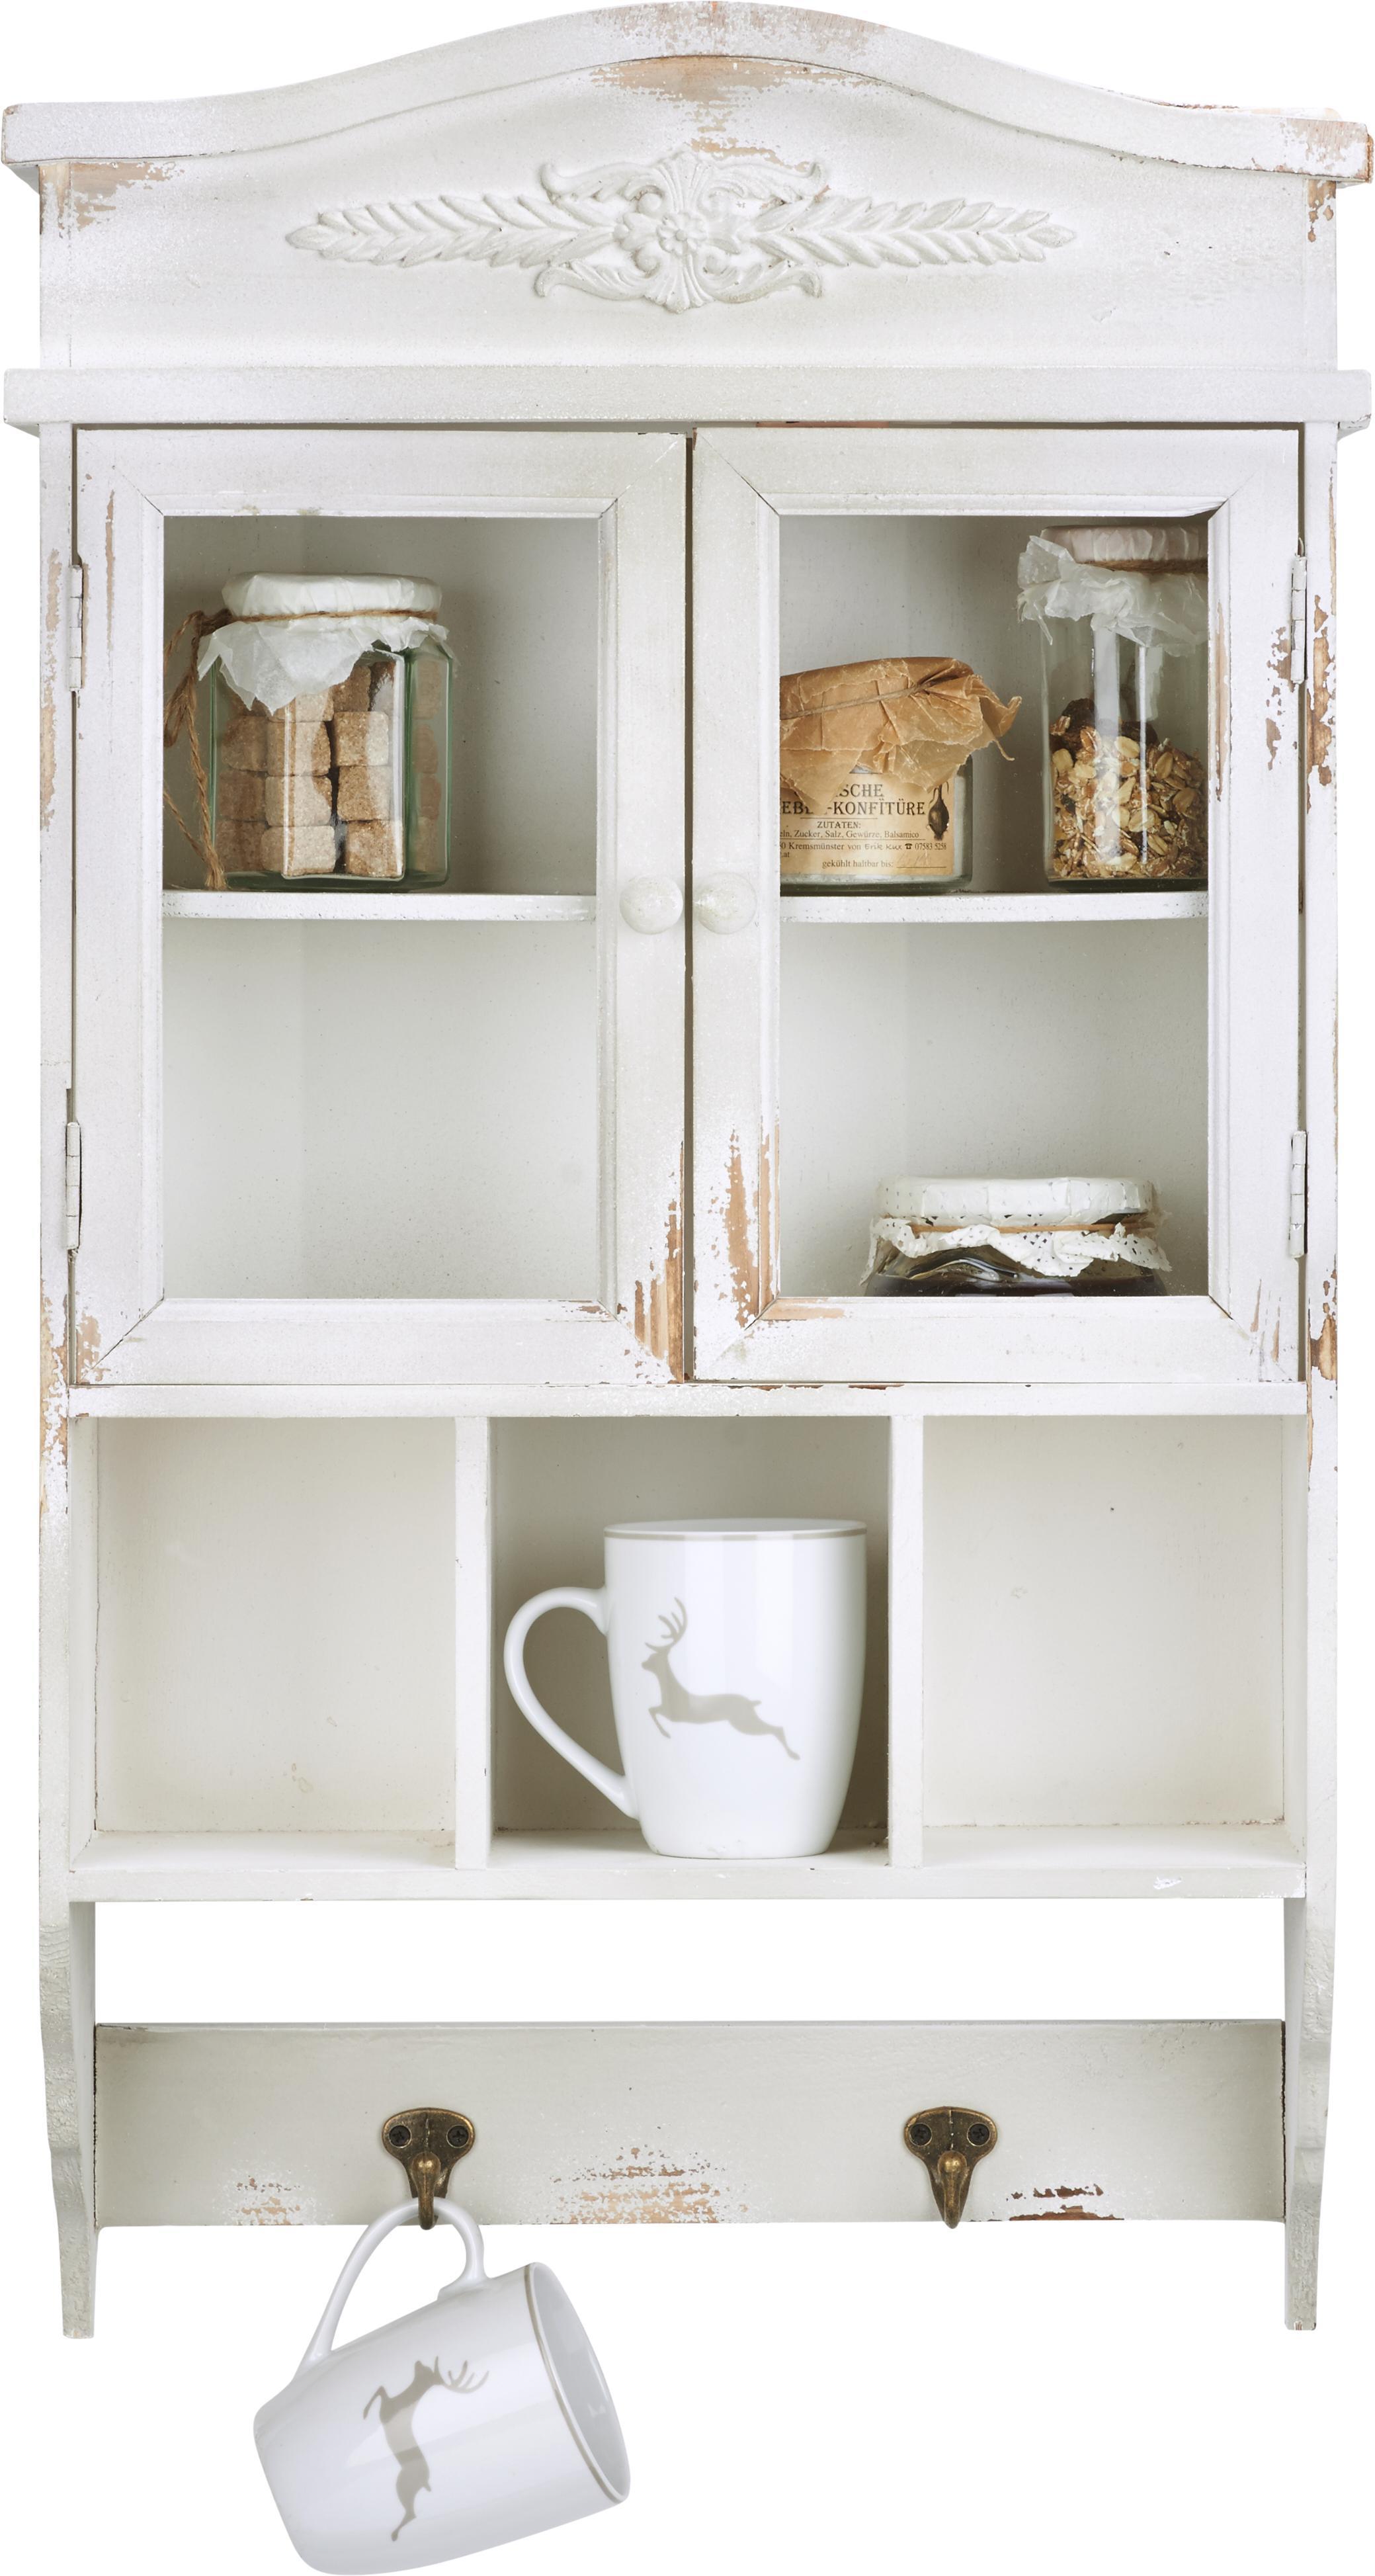 kuchenelemente einzeln. Black Bedroom Furniture Sets. Home Design Ideas